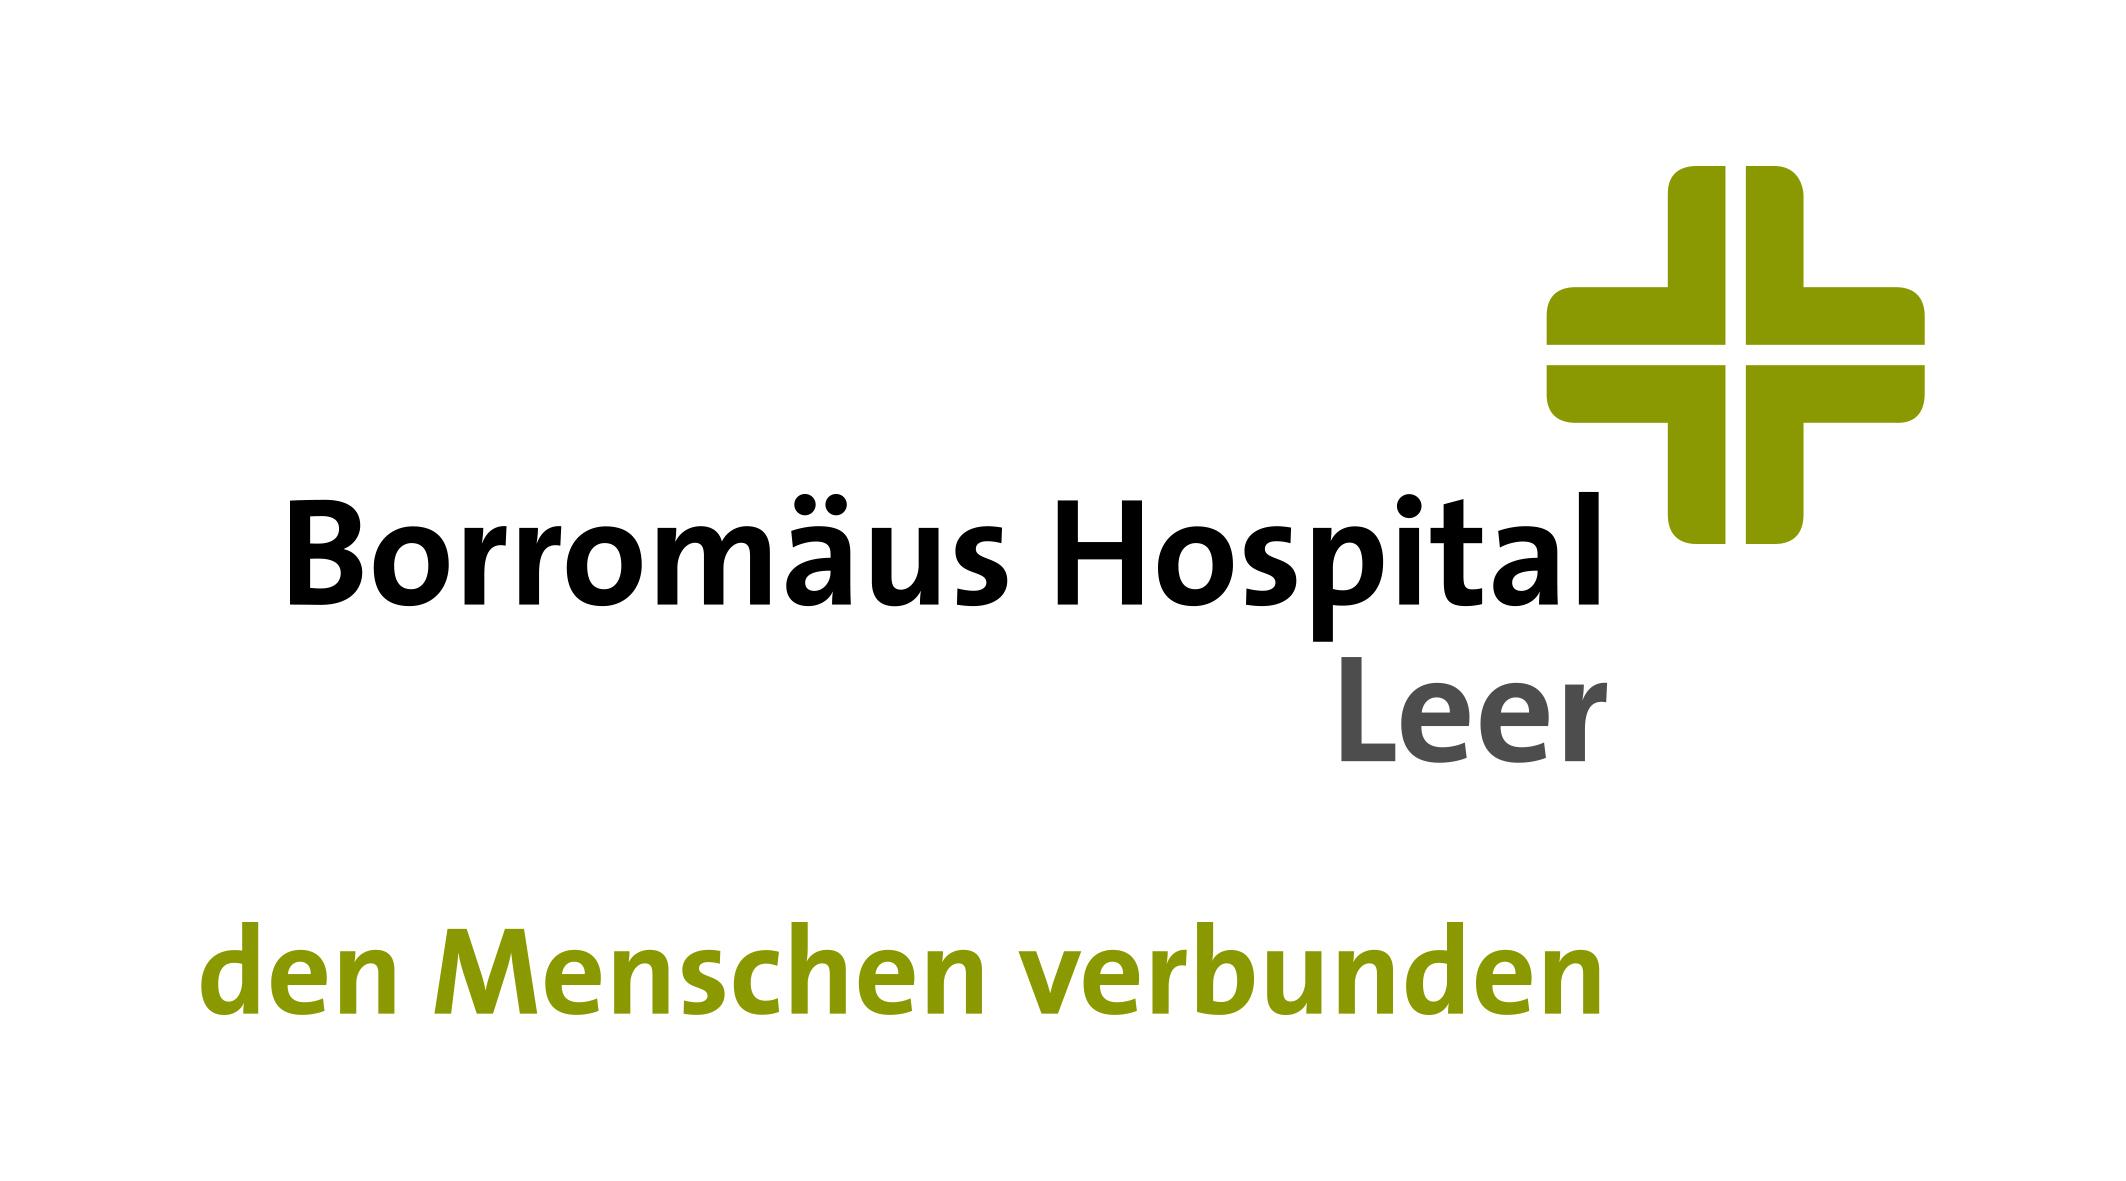 Borromäus Hospital Leer gGmbH